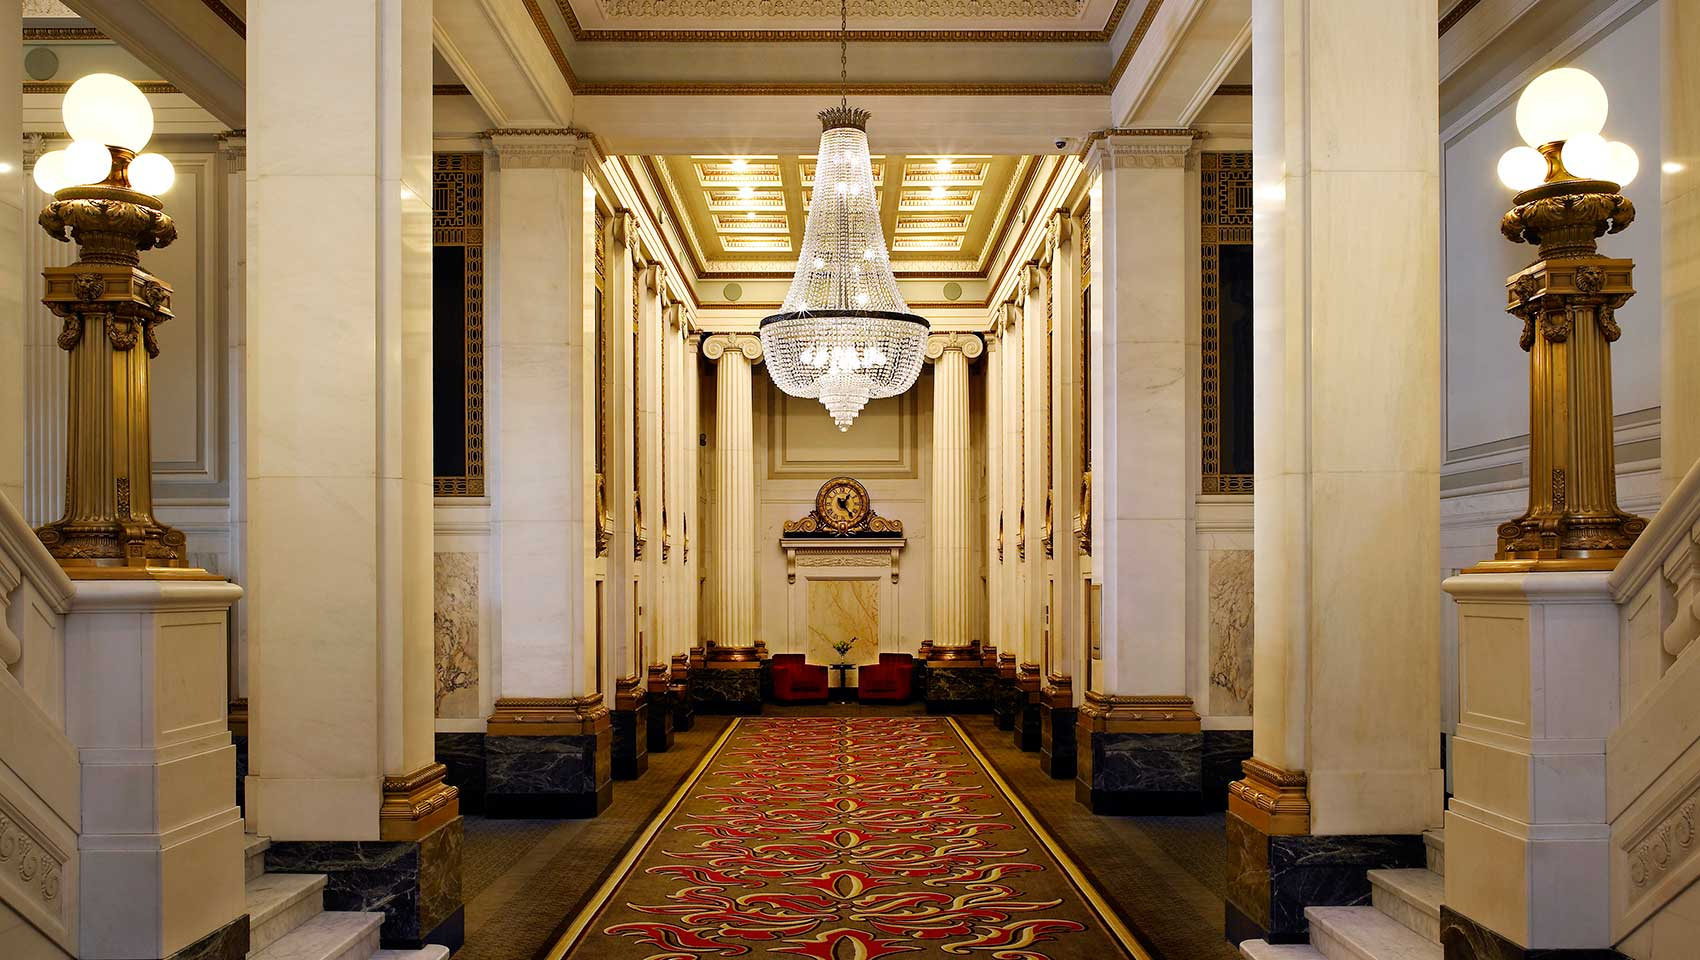 Grand Foyer